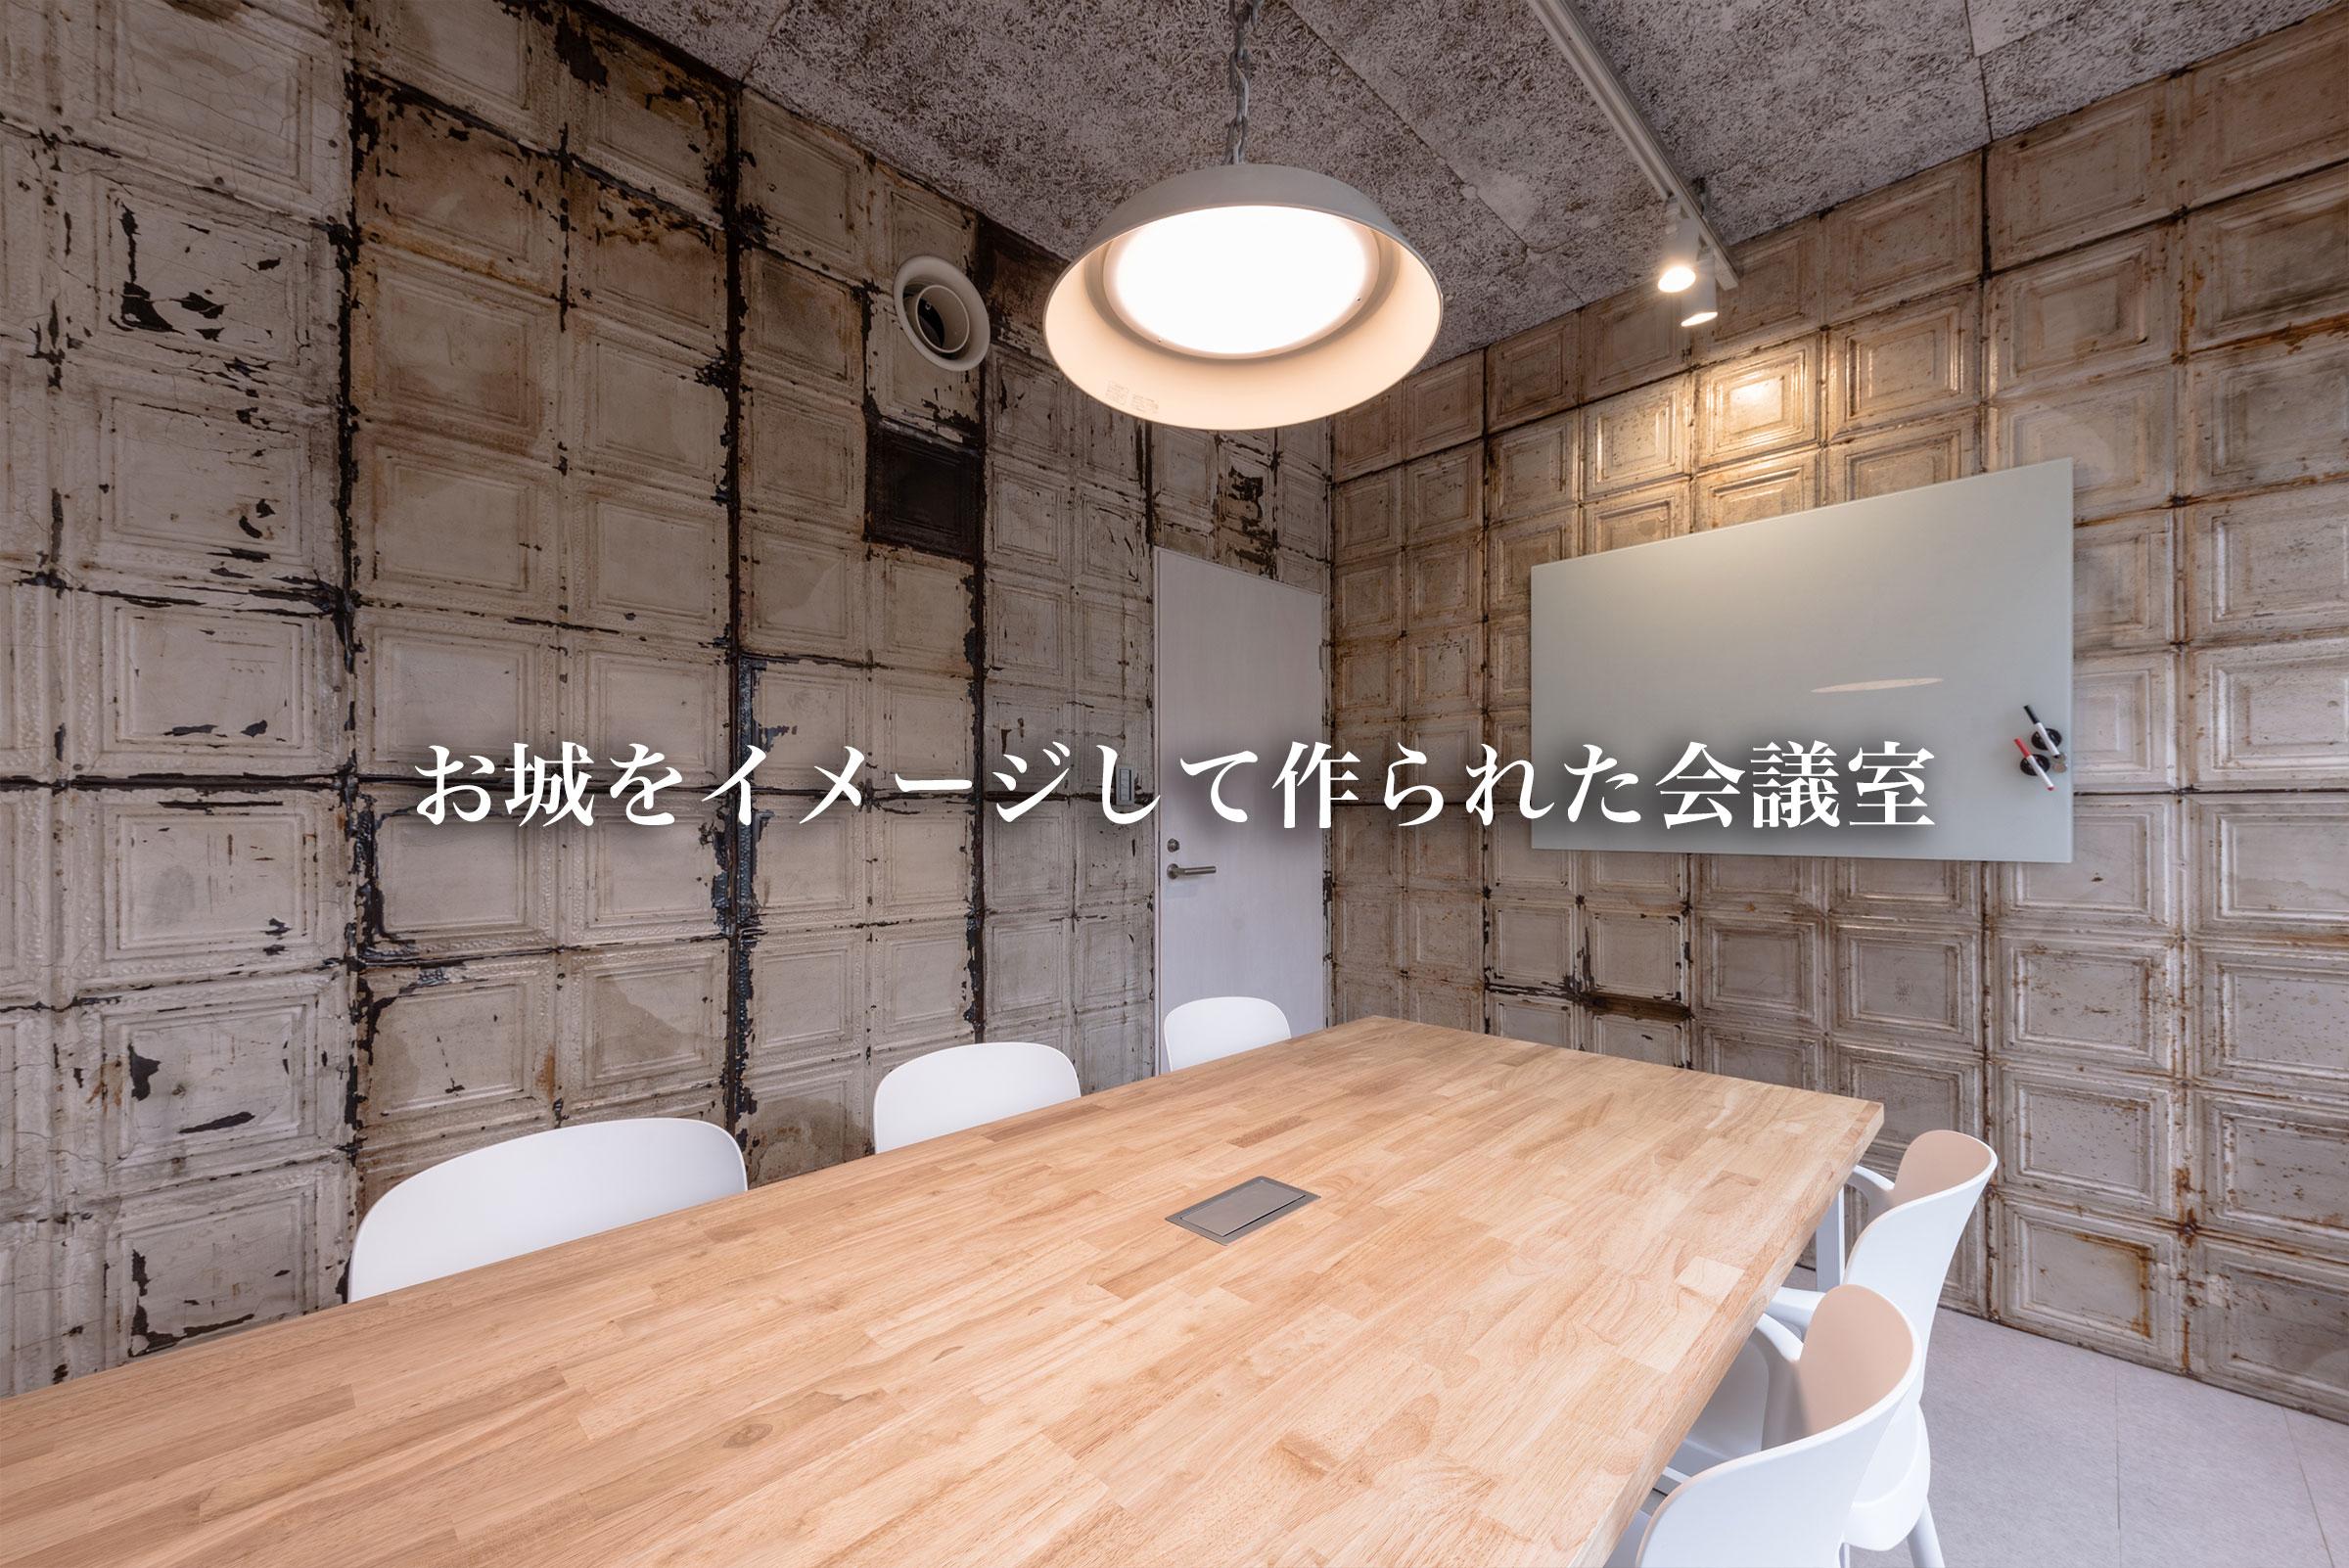 お城をイメージして作られた会議室